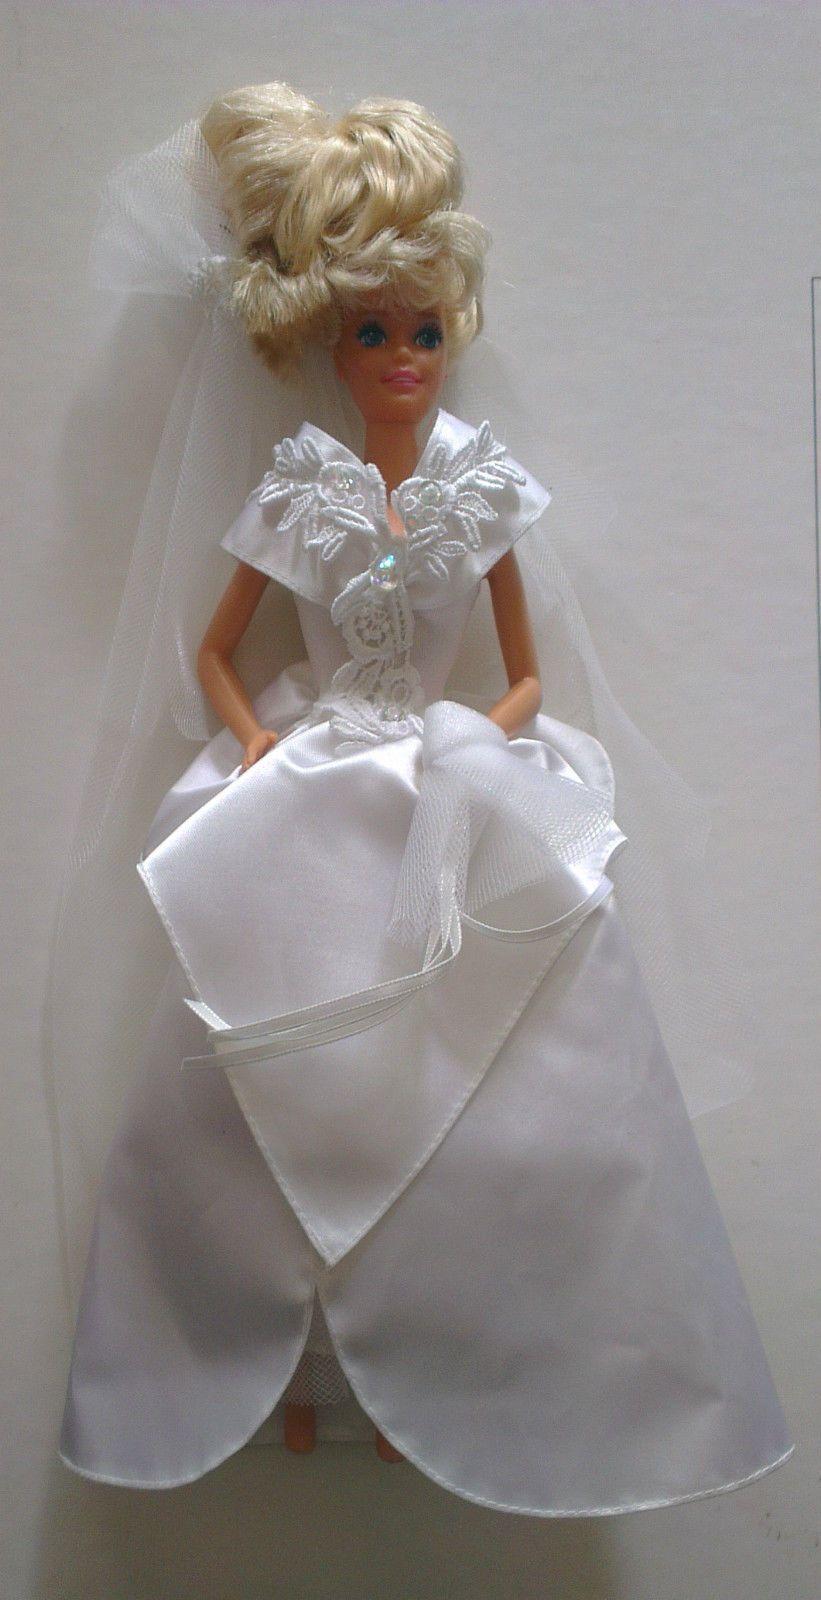 Luxury Nähmustern Braut Frieze - Decke Stricken Muster ...